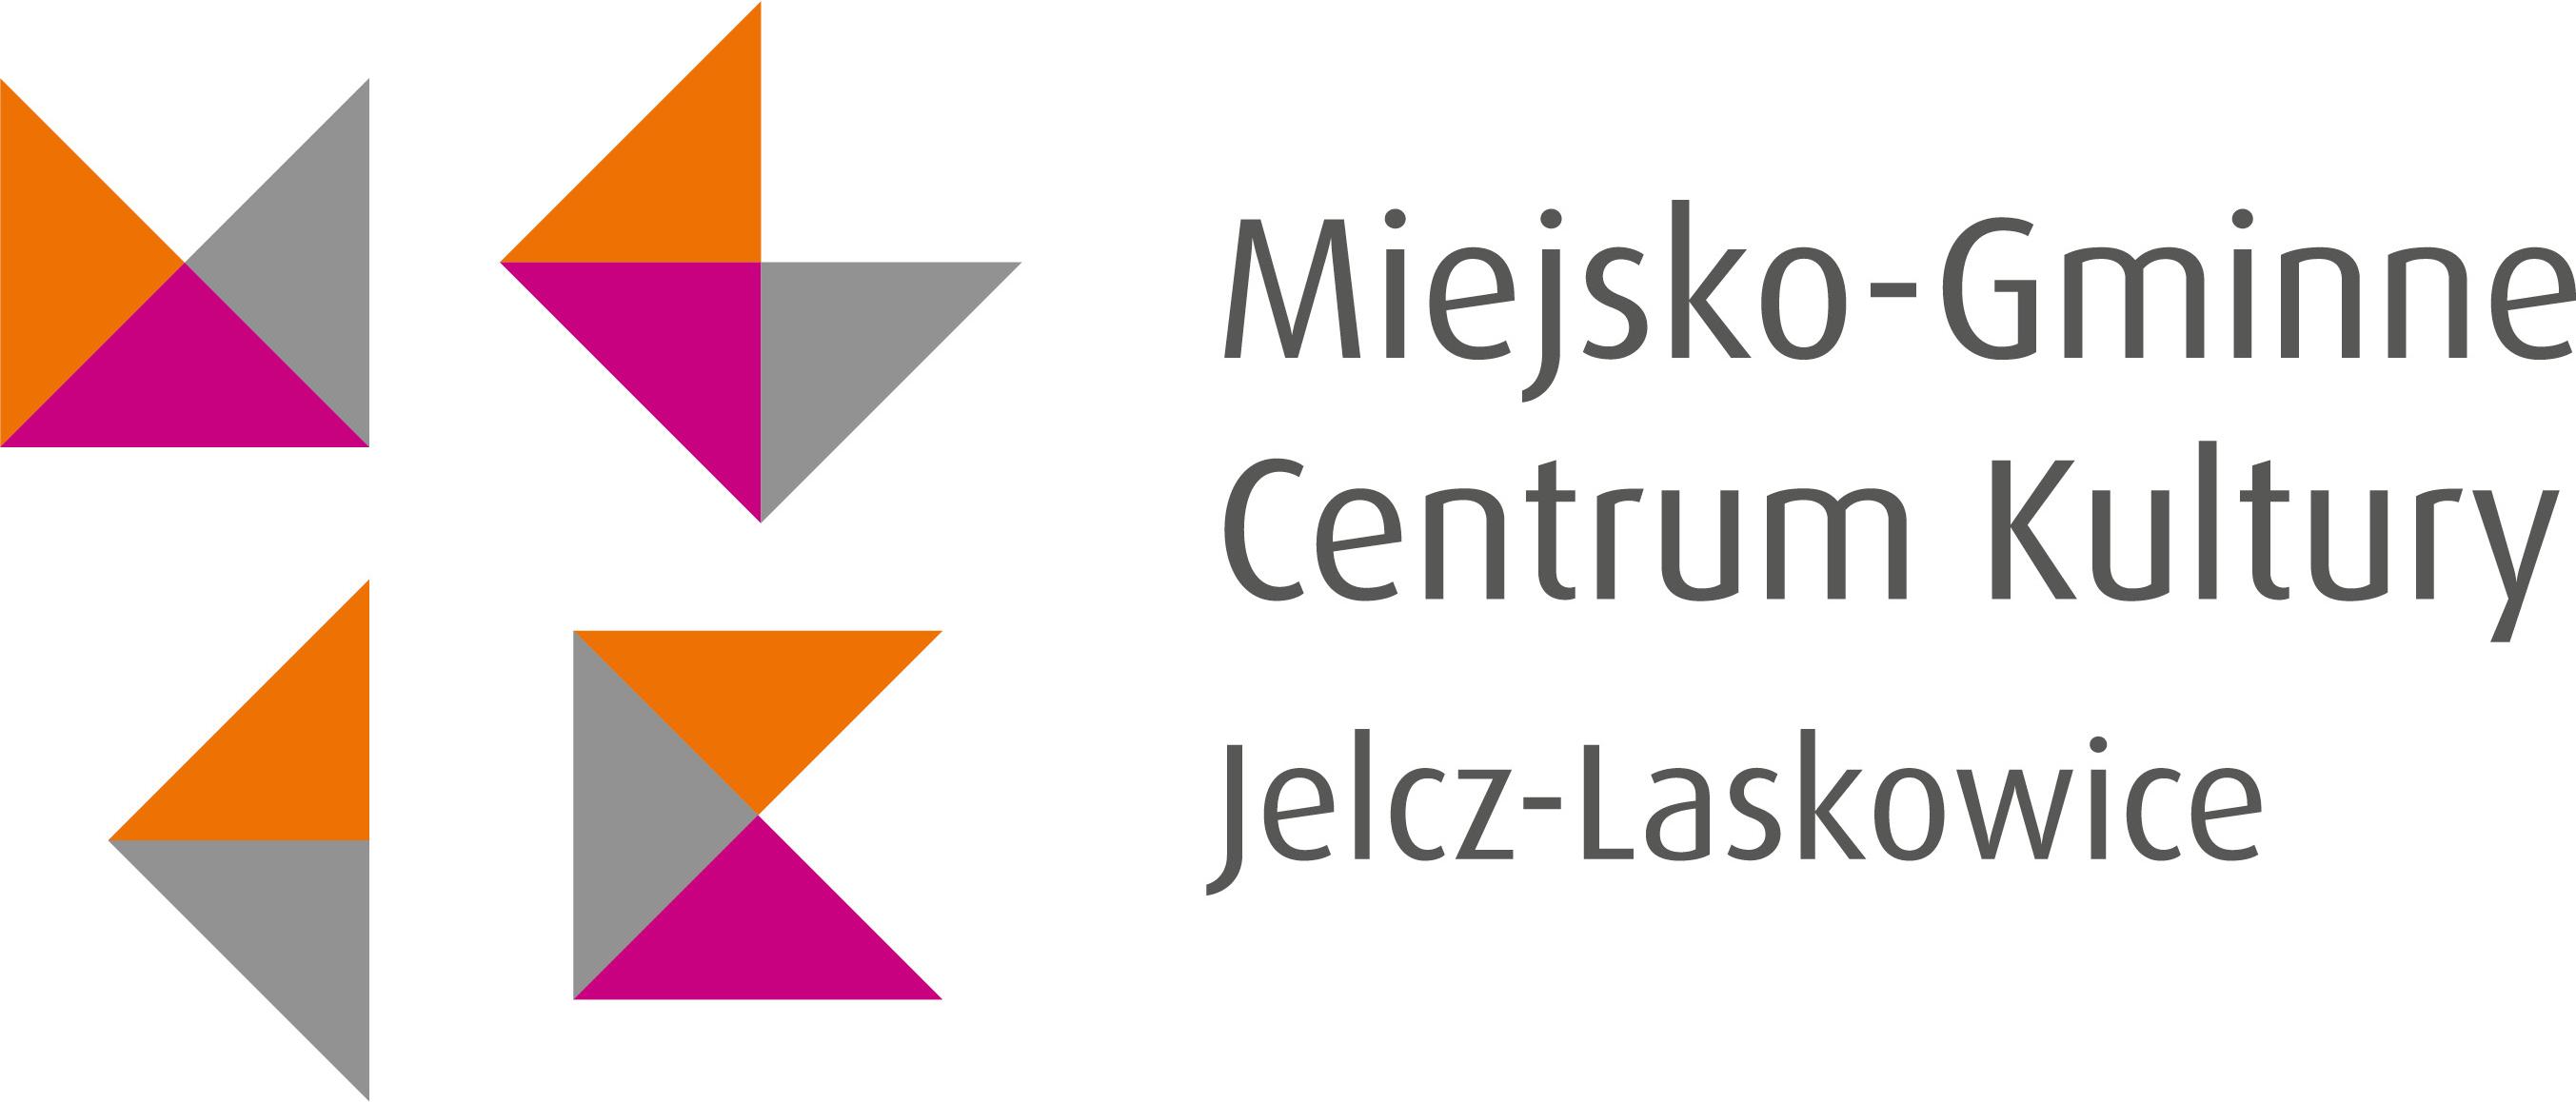 Miejsko Gminne Centrum Kultury w Jelczu-Laskowicach